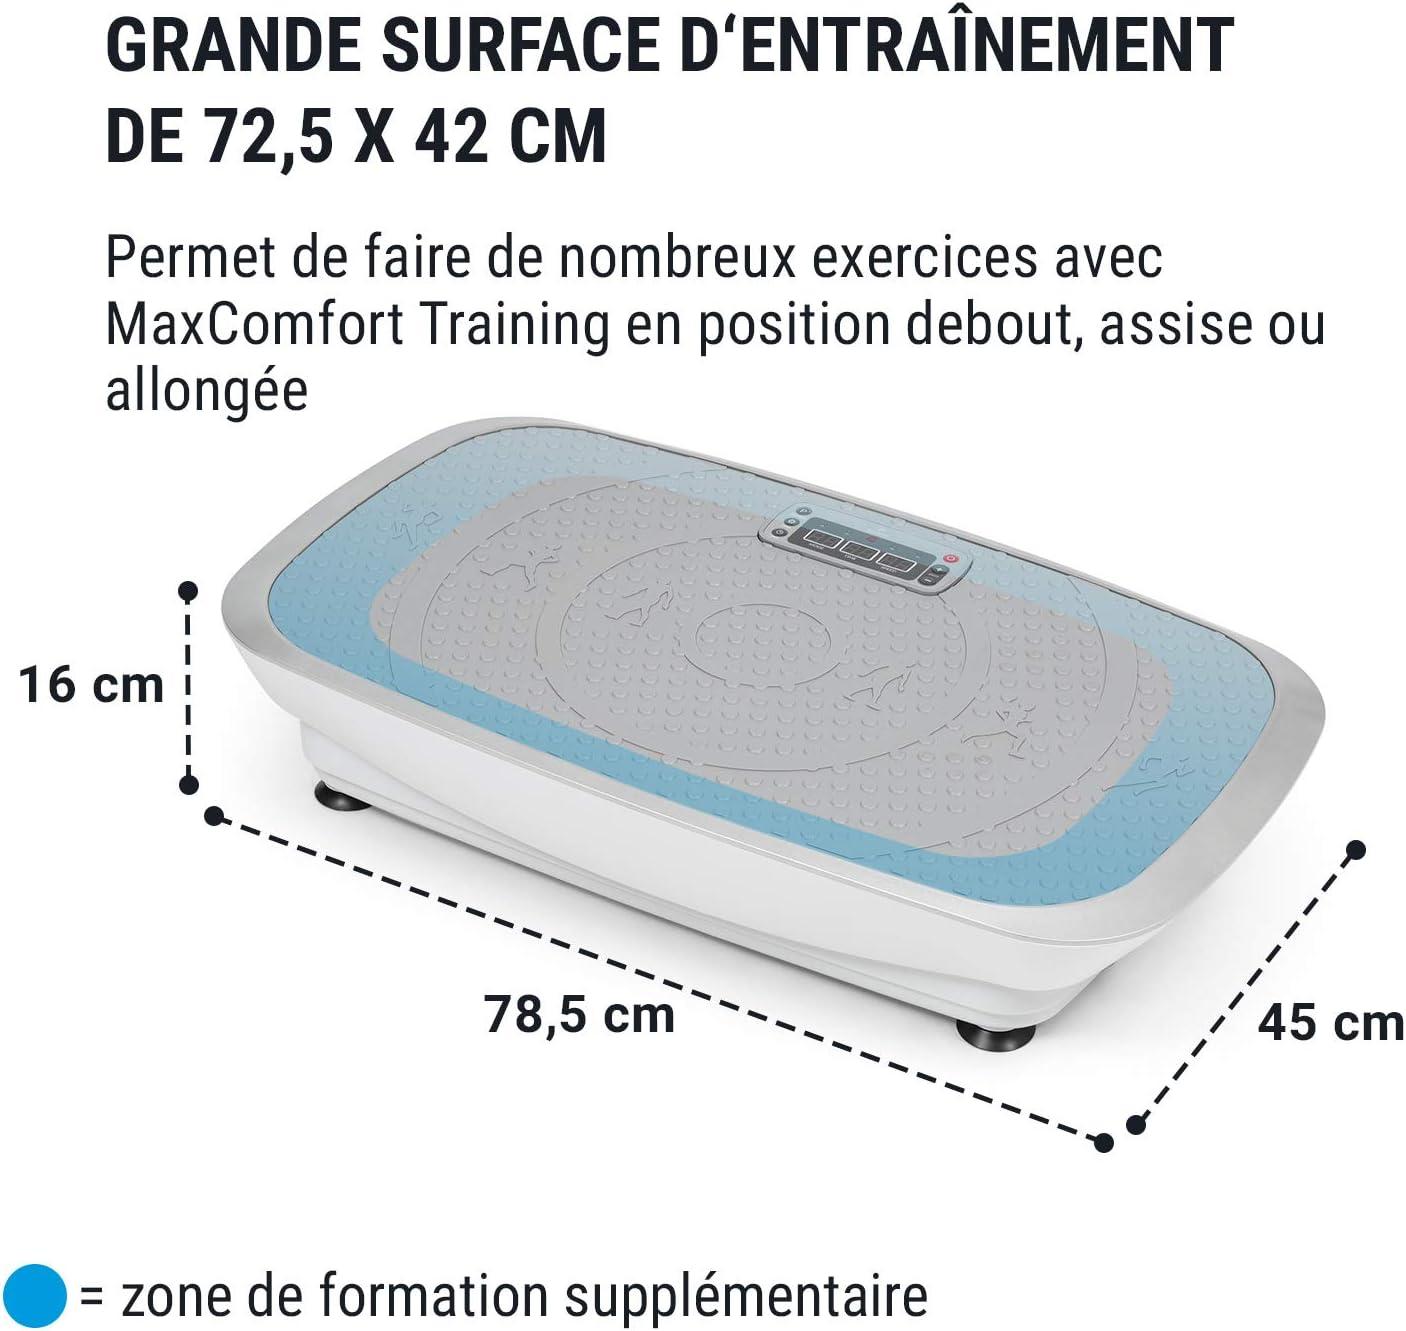 3 programmes pr/ér/égl/és 20 Vitesses Minuterie de r/églage Ecran LCD Clair Puissance: 2 x 250W 120kg Charge Max KLAR FIT Vibe 3DX R/éduit la Cellulite Plateforme vibrante Bandes de Fitness